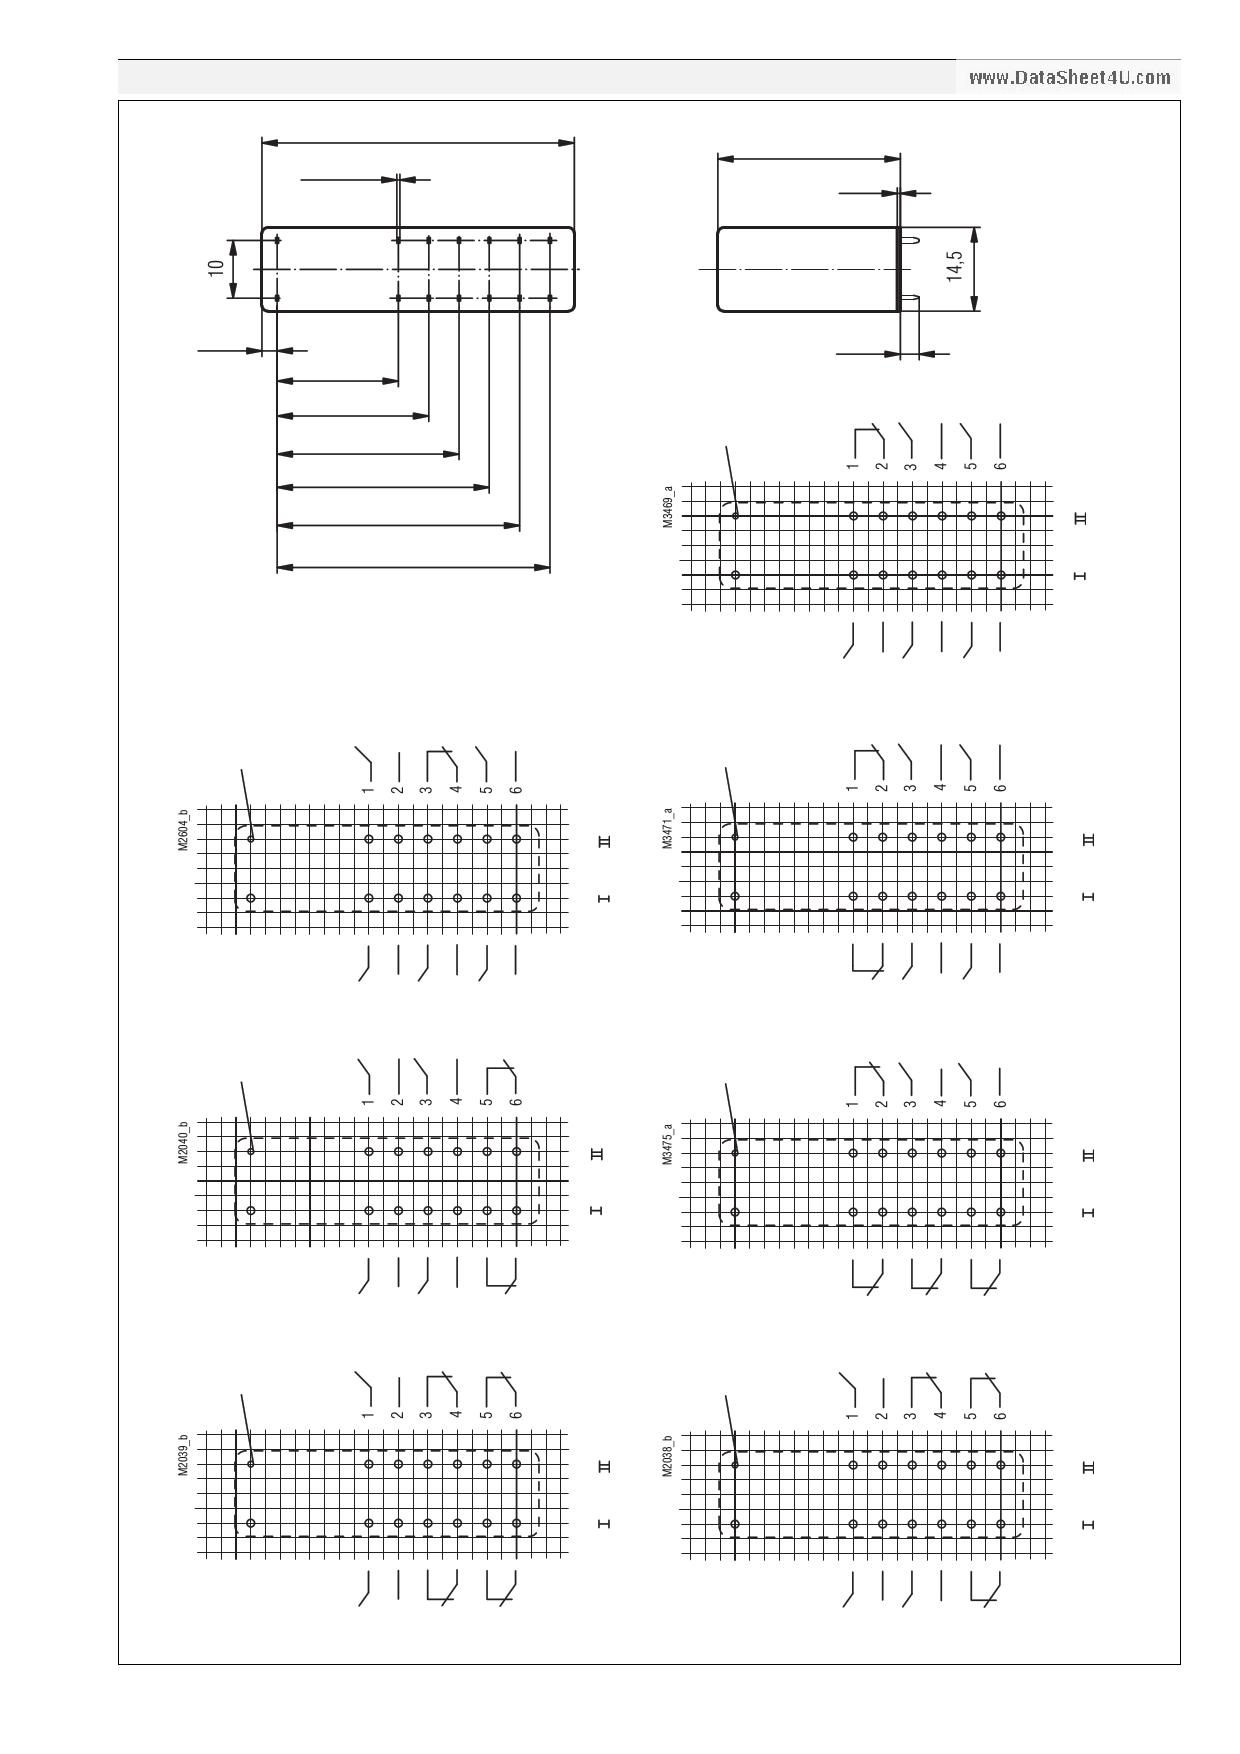 OA5612 pdf, arduino